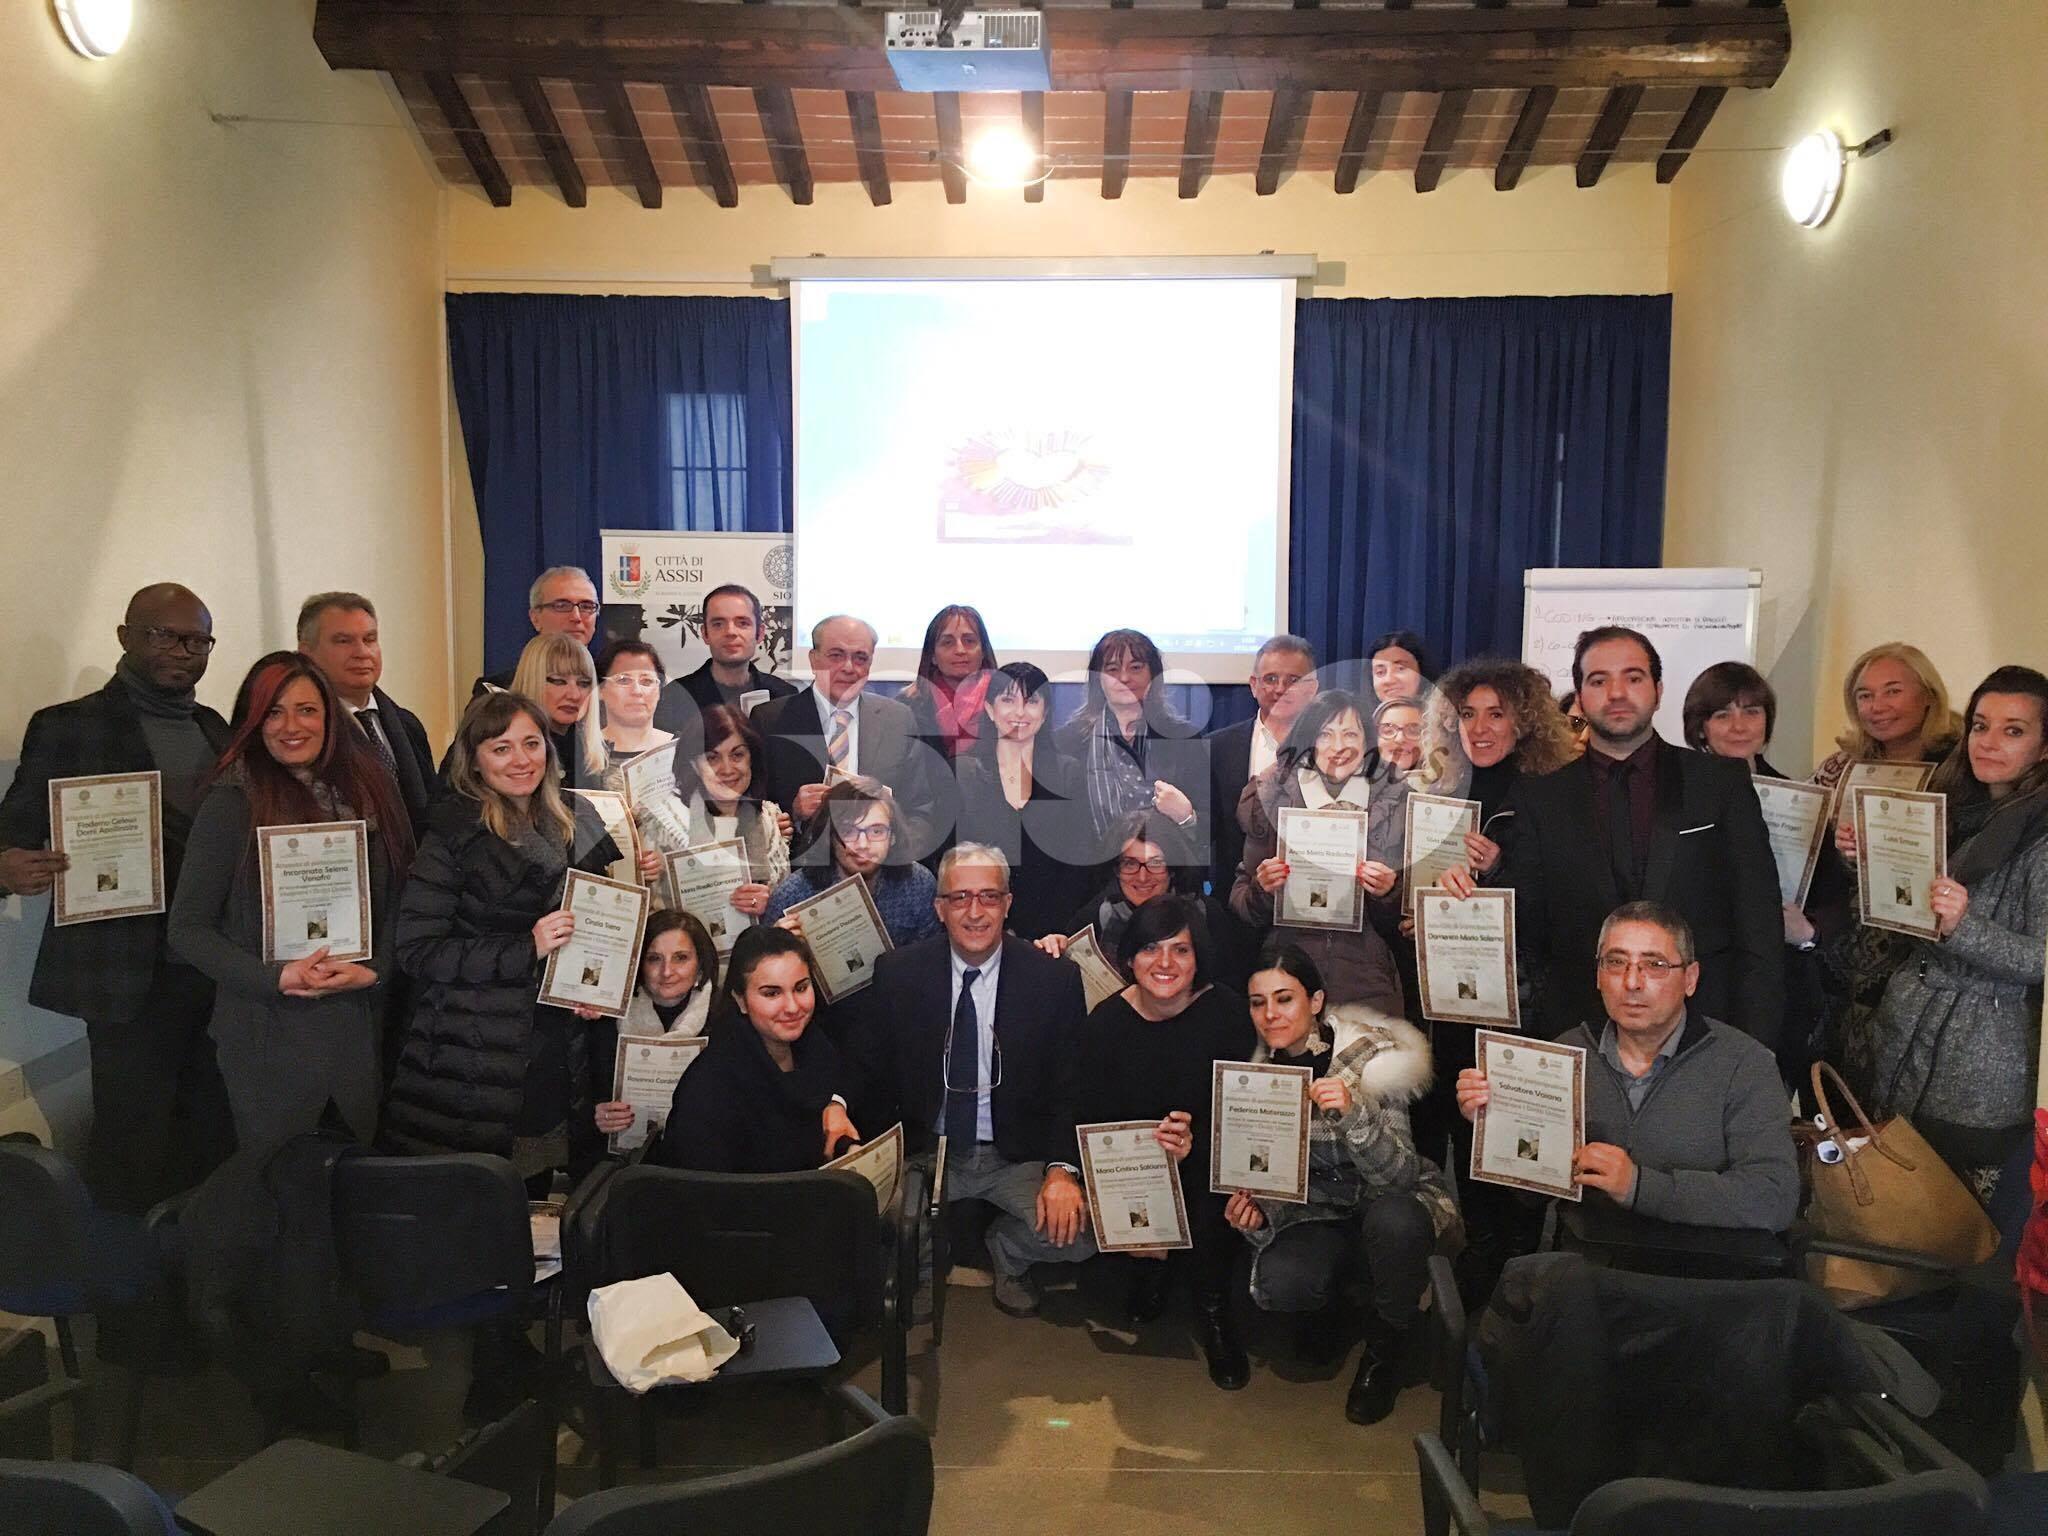 Concluso il corso sui diritti umani: presenti Proietti e Travicelli